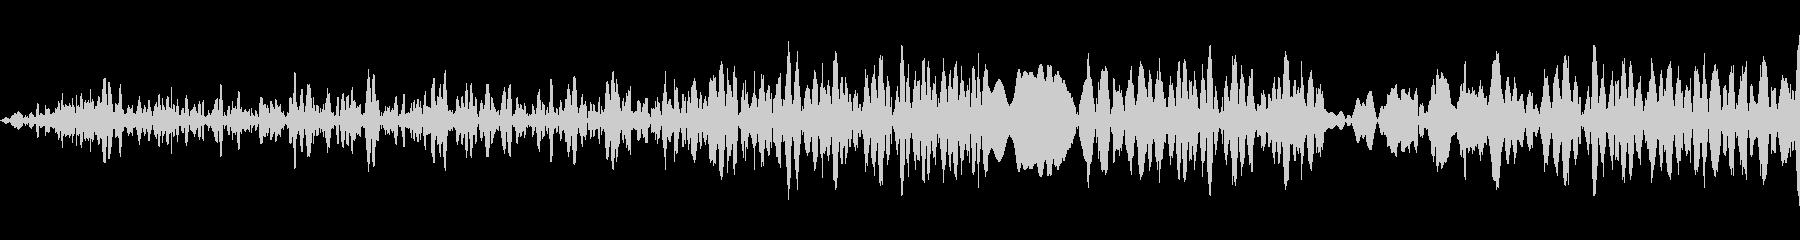 生産アクセントV.7ビープ音、プロ...の未再生の波形